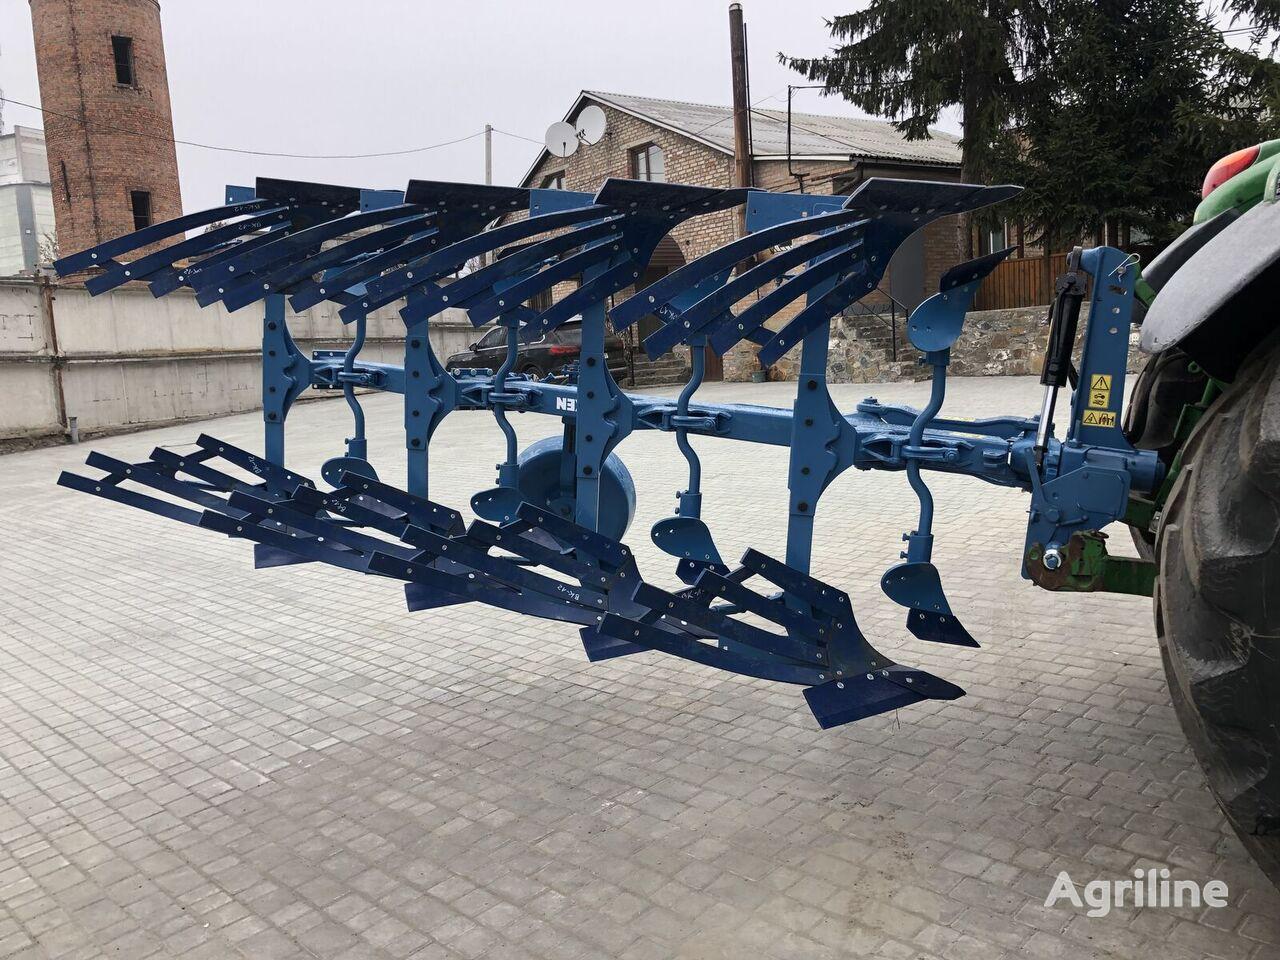 LEMKEN Opal 110 nova robochka reversible plough